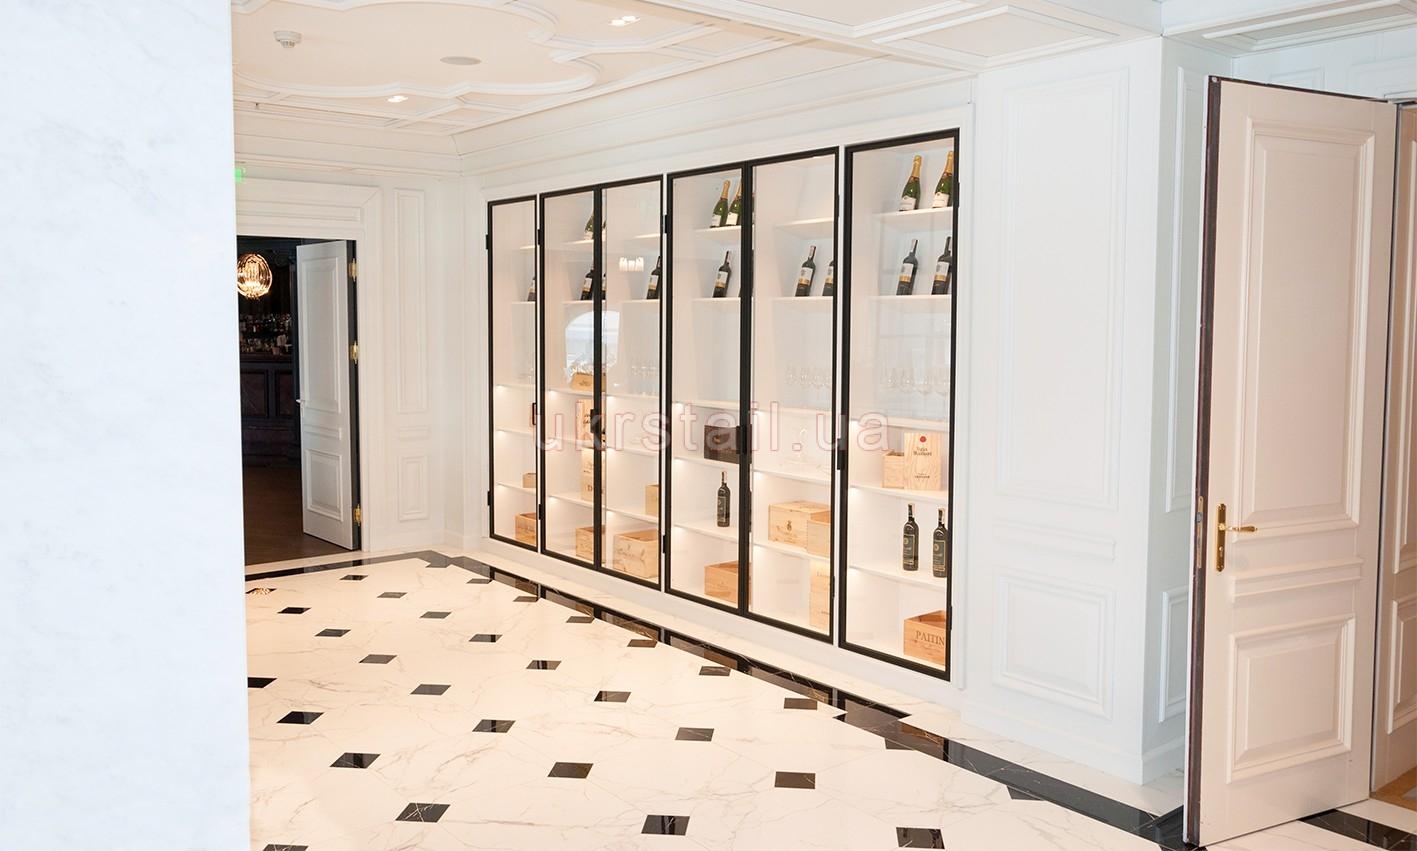 Винный шкаф в интерьере Vogue Cafe Kiev в гостинице Fairmont 05